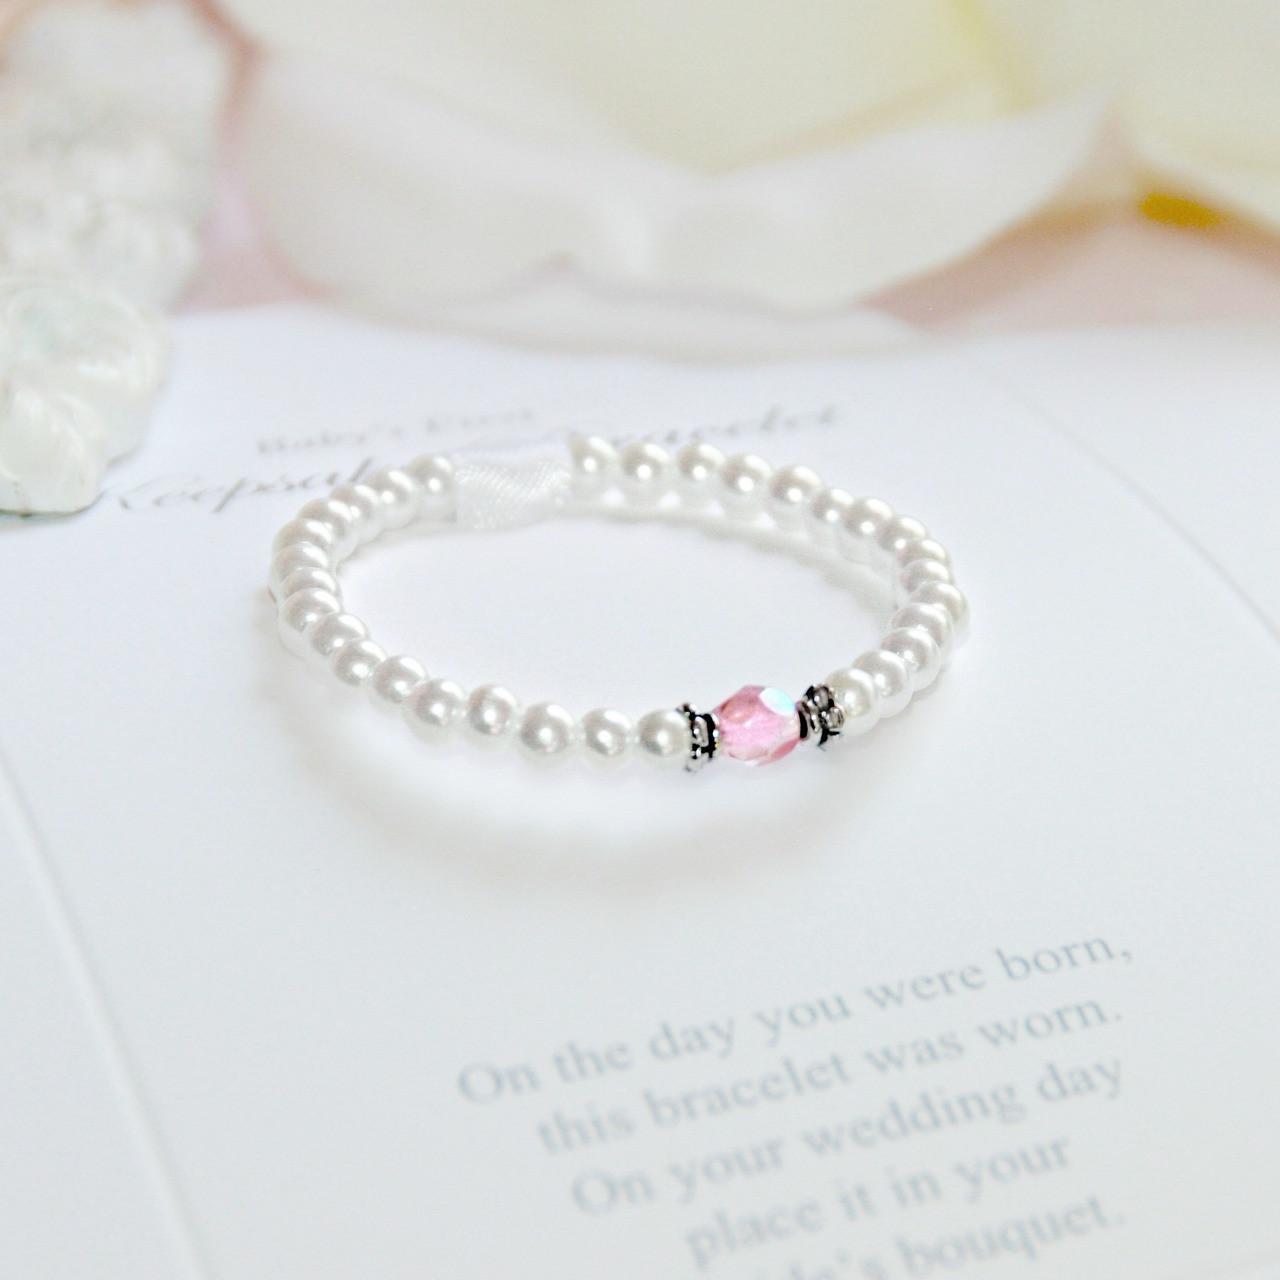 CJ-533 First Bracelet/Bride Keepsake Infant First Bracelet-Top Seller